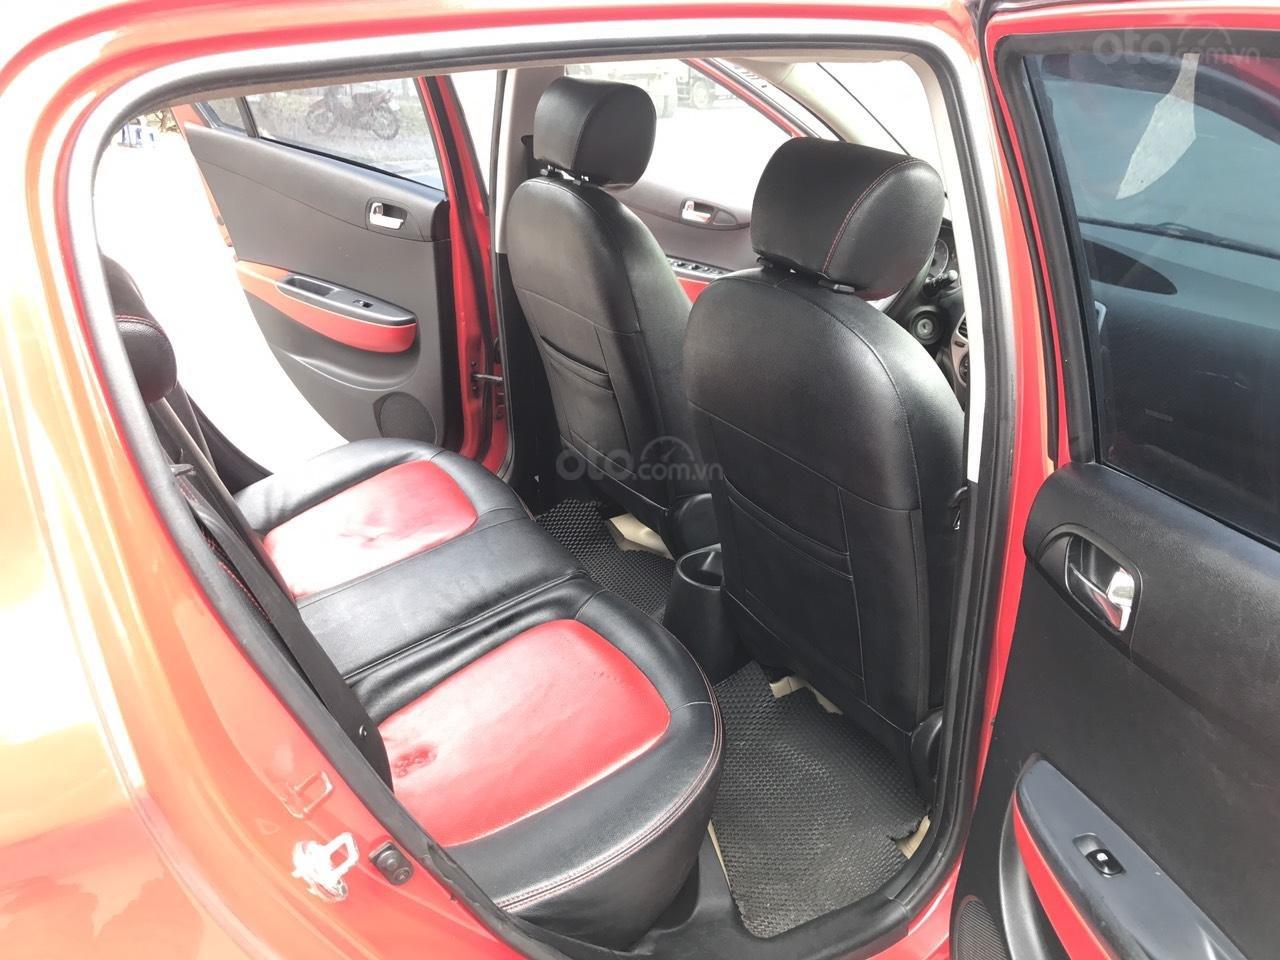 Bán Hyundai i20 1.4 AT đời 2011, màu đỏ, xe nhập, bản full, xe xuất sắc luôn (19)